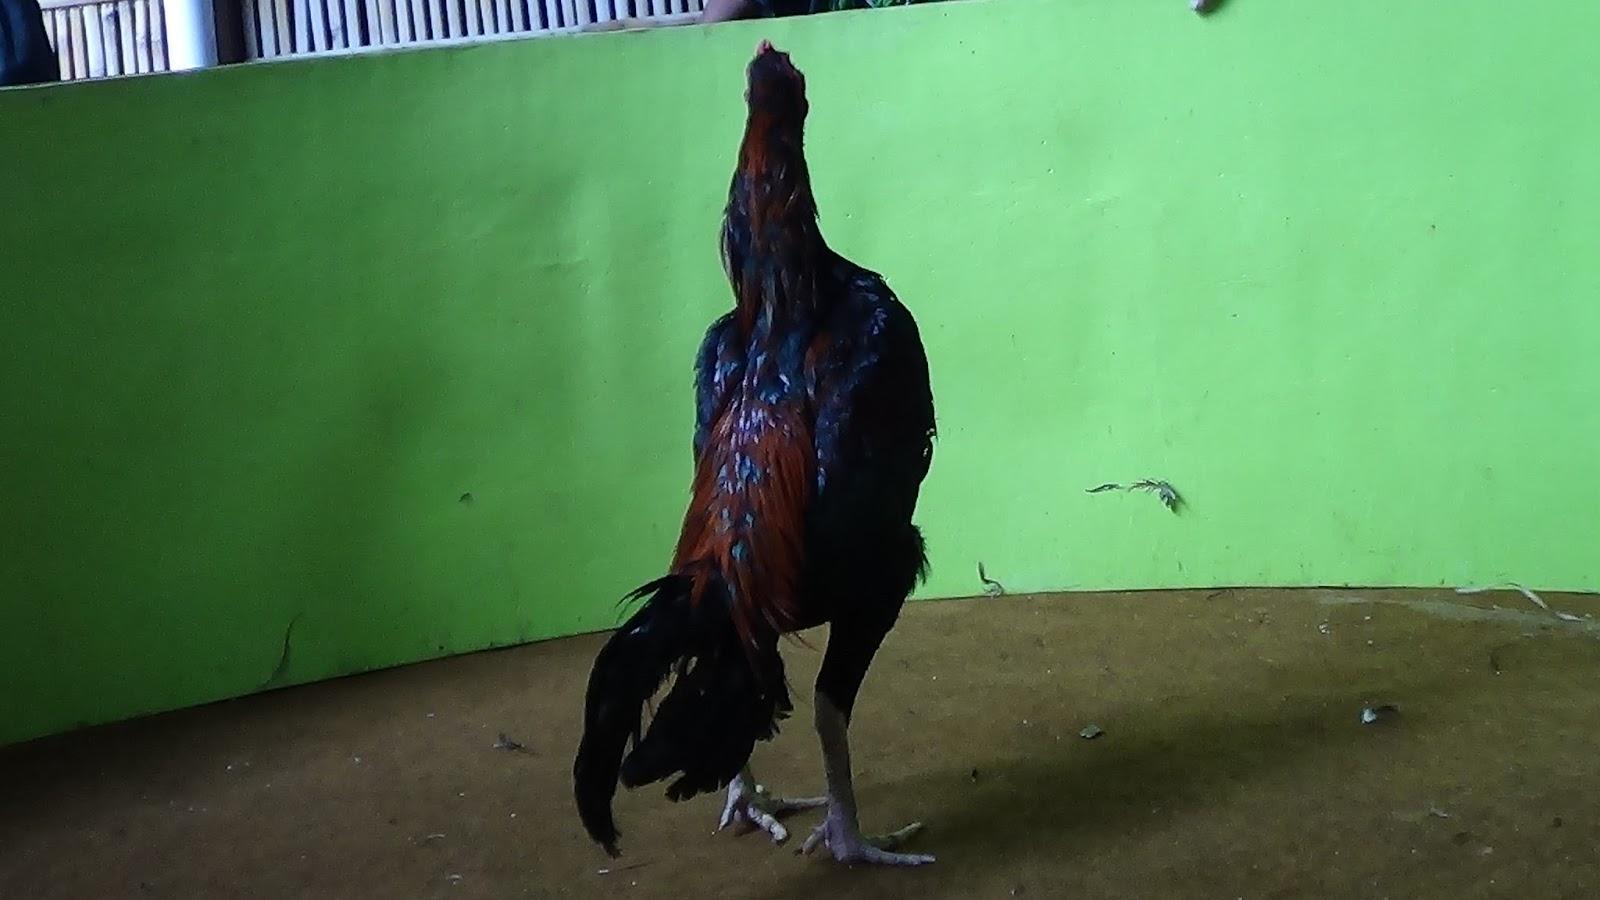 Trondol V Pukulan Jilink Sper Bervdio Ayam Petarung